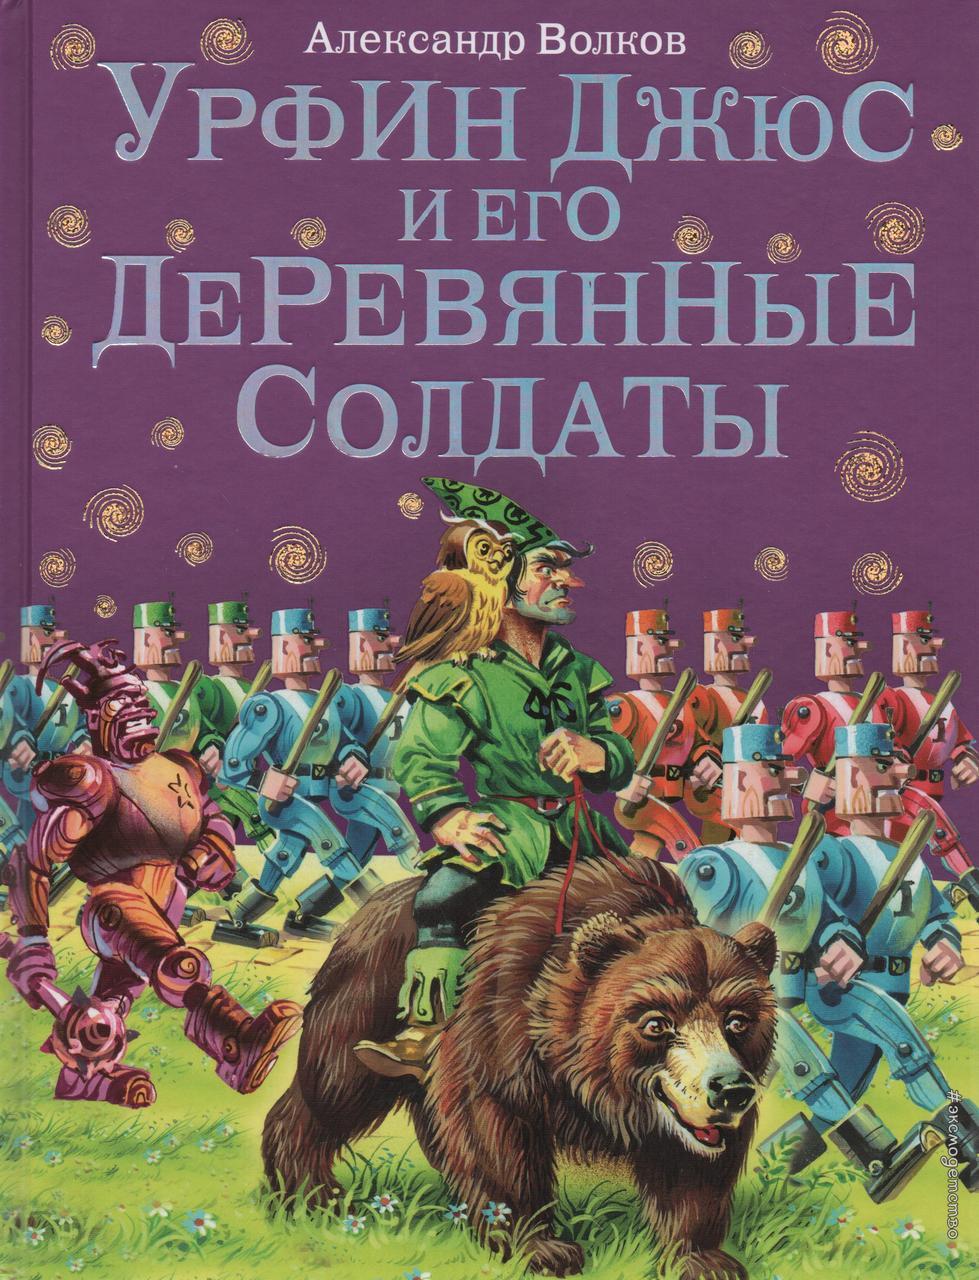 Урфін Джюс і його дерев'яні солдати (Віг). Олександр Волков